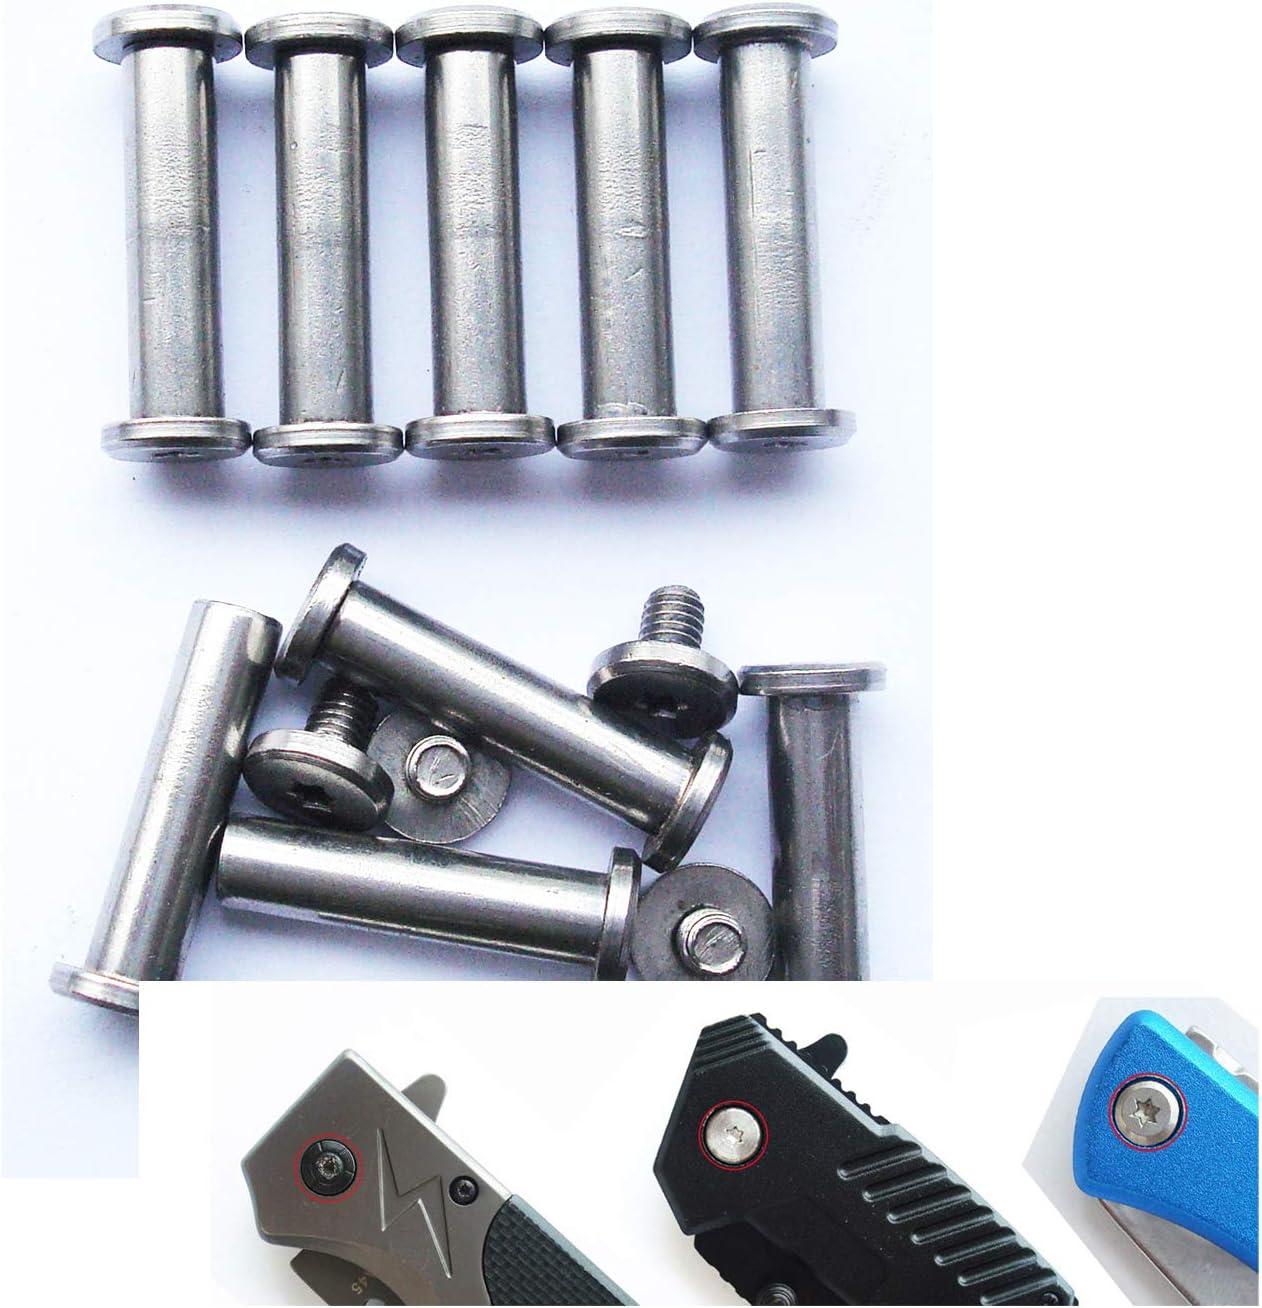 cuchillos EDC remaches de tornillos pasadores de pivote de cuchillos plegables 12mm paquete de 10 remaches de mango de cuchillo de bricolaje Pernos Corby de navaja de bolsillo